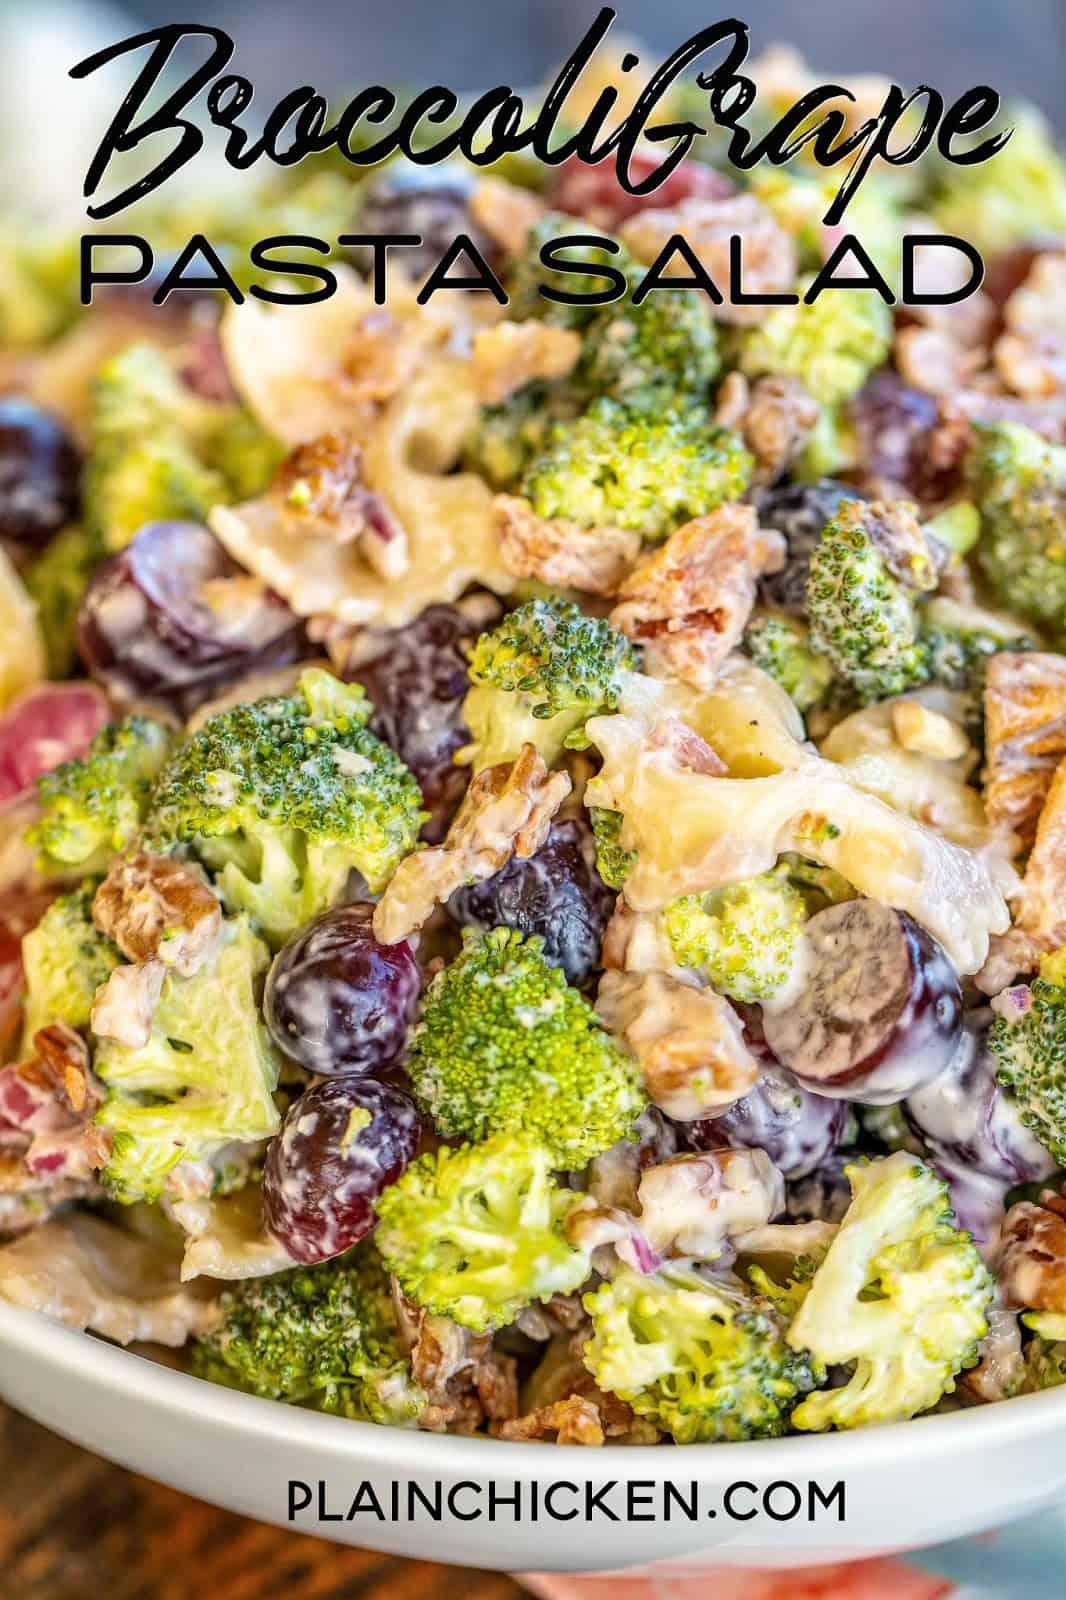 Broccoli Grape Pasta Salad in a bowl